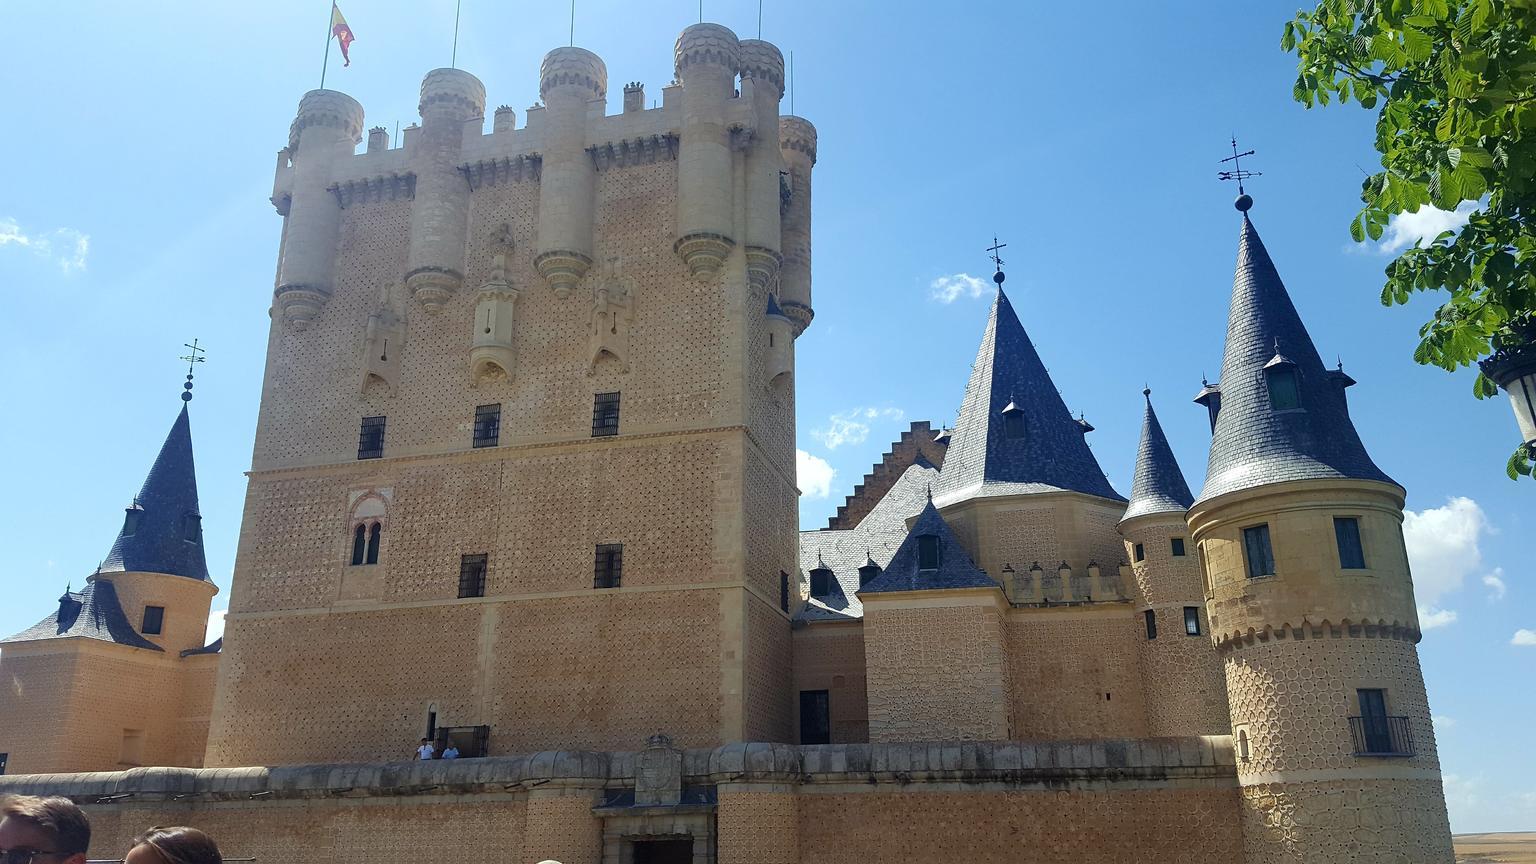 MAIS FOTOS, Avila and Segovia Guided Tour with Optional Lunch